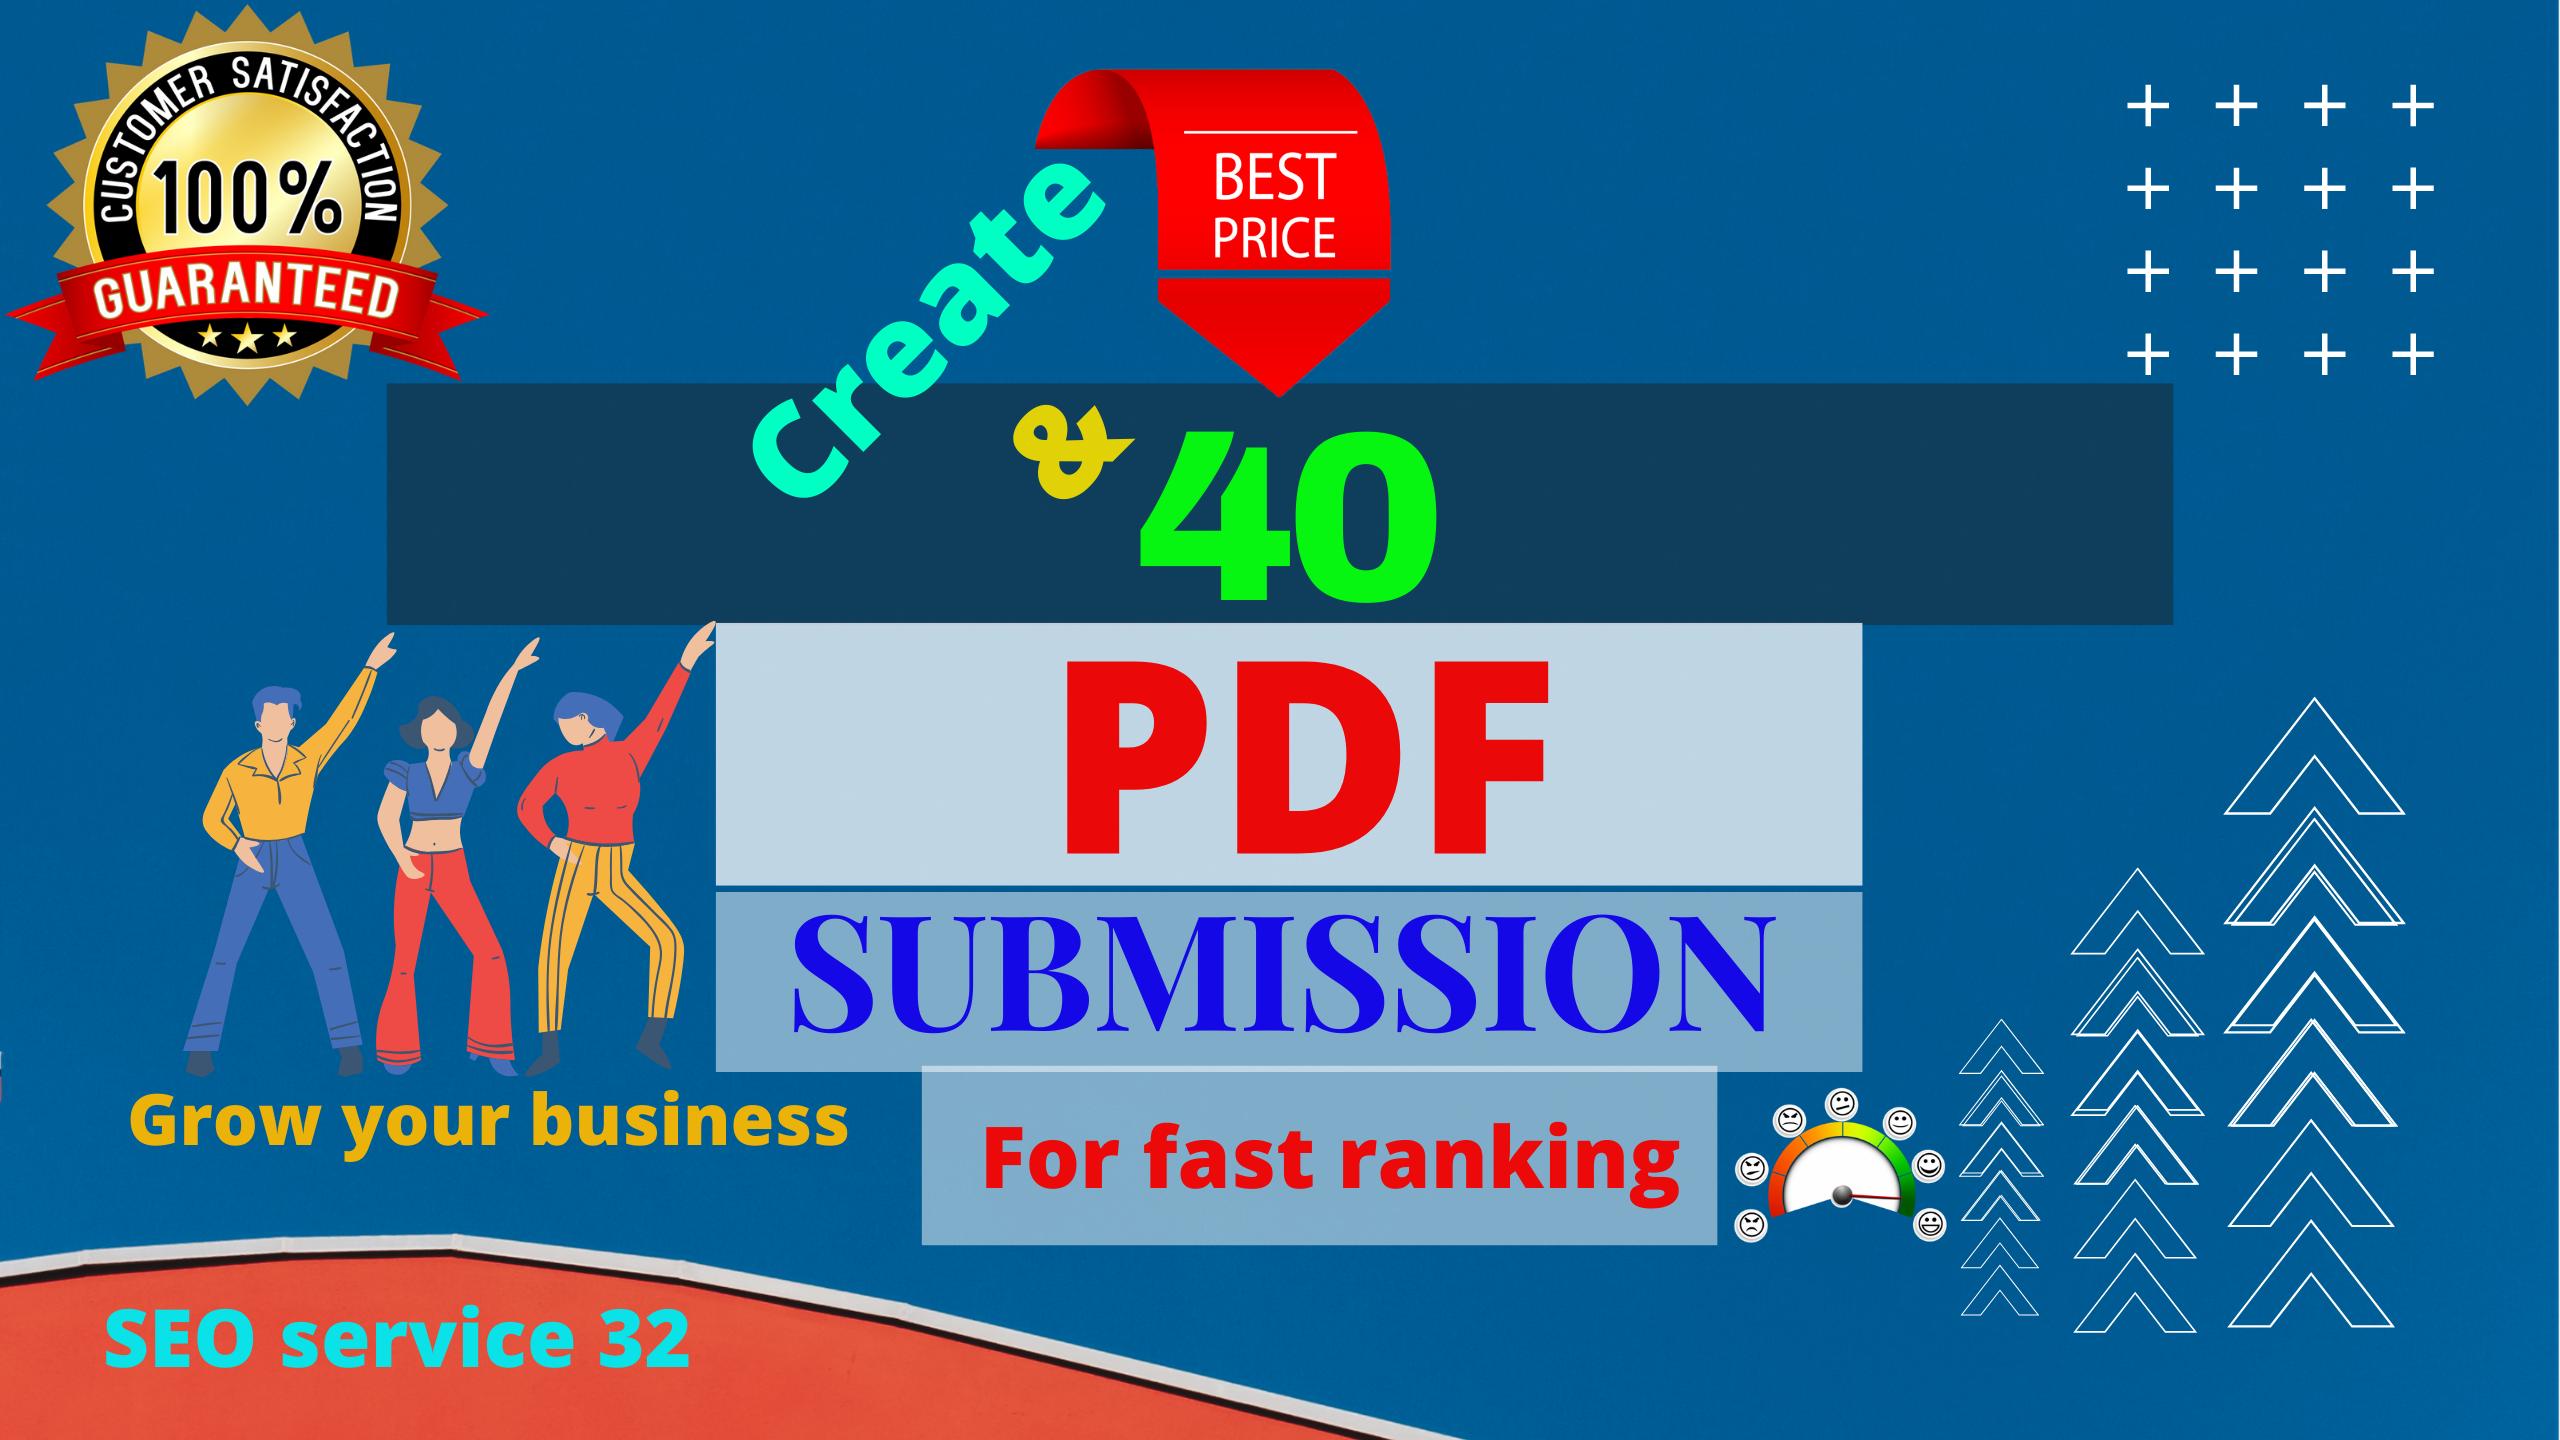 I will create and publish 40 PDF